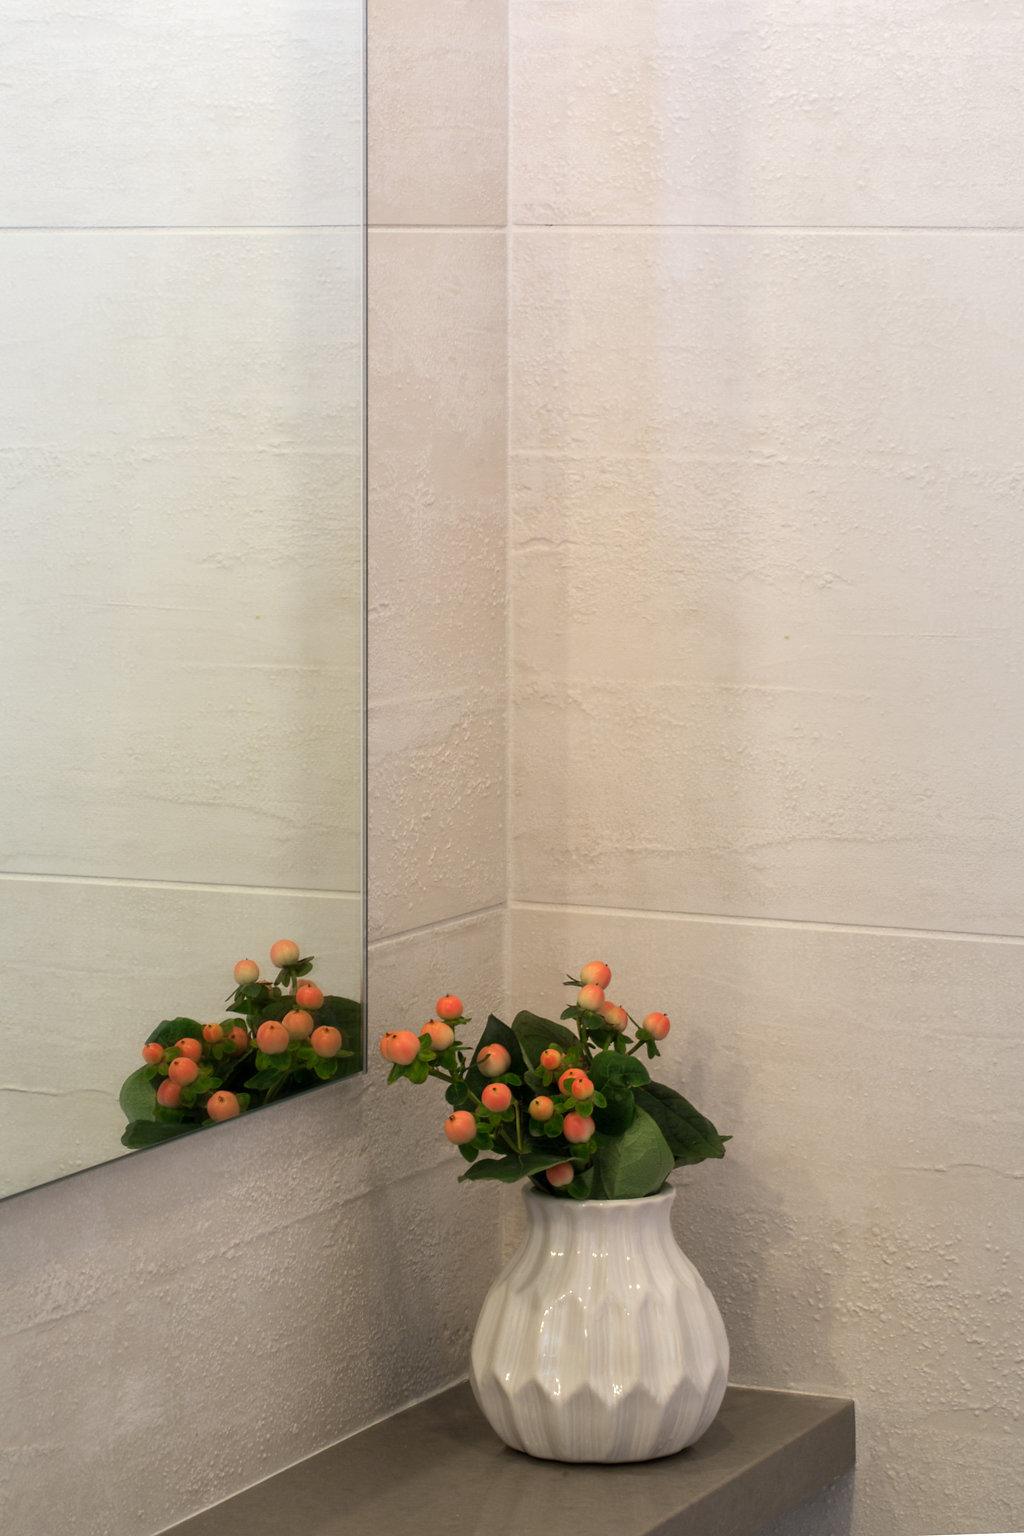 PineappleDesign-Cascadia-6594.jpg